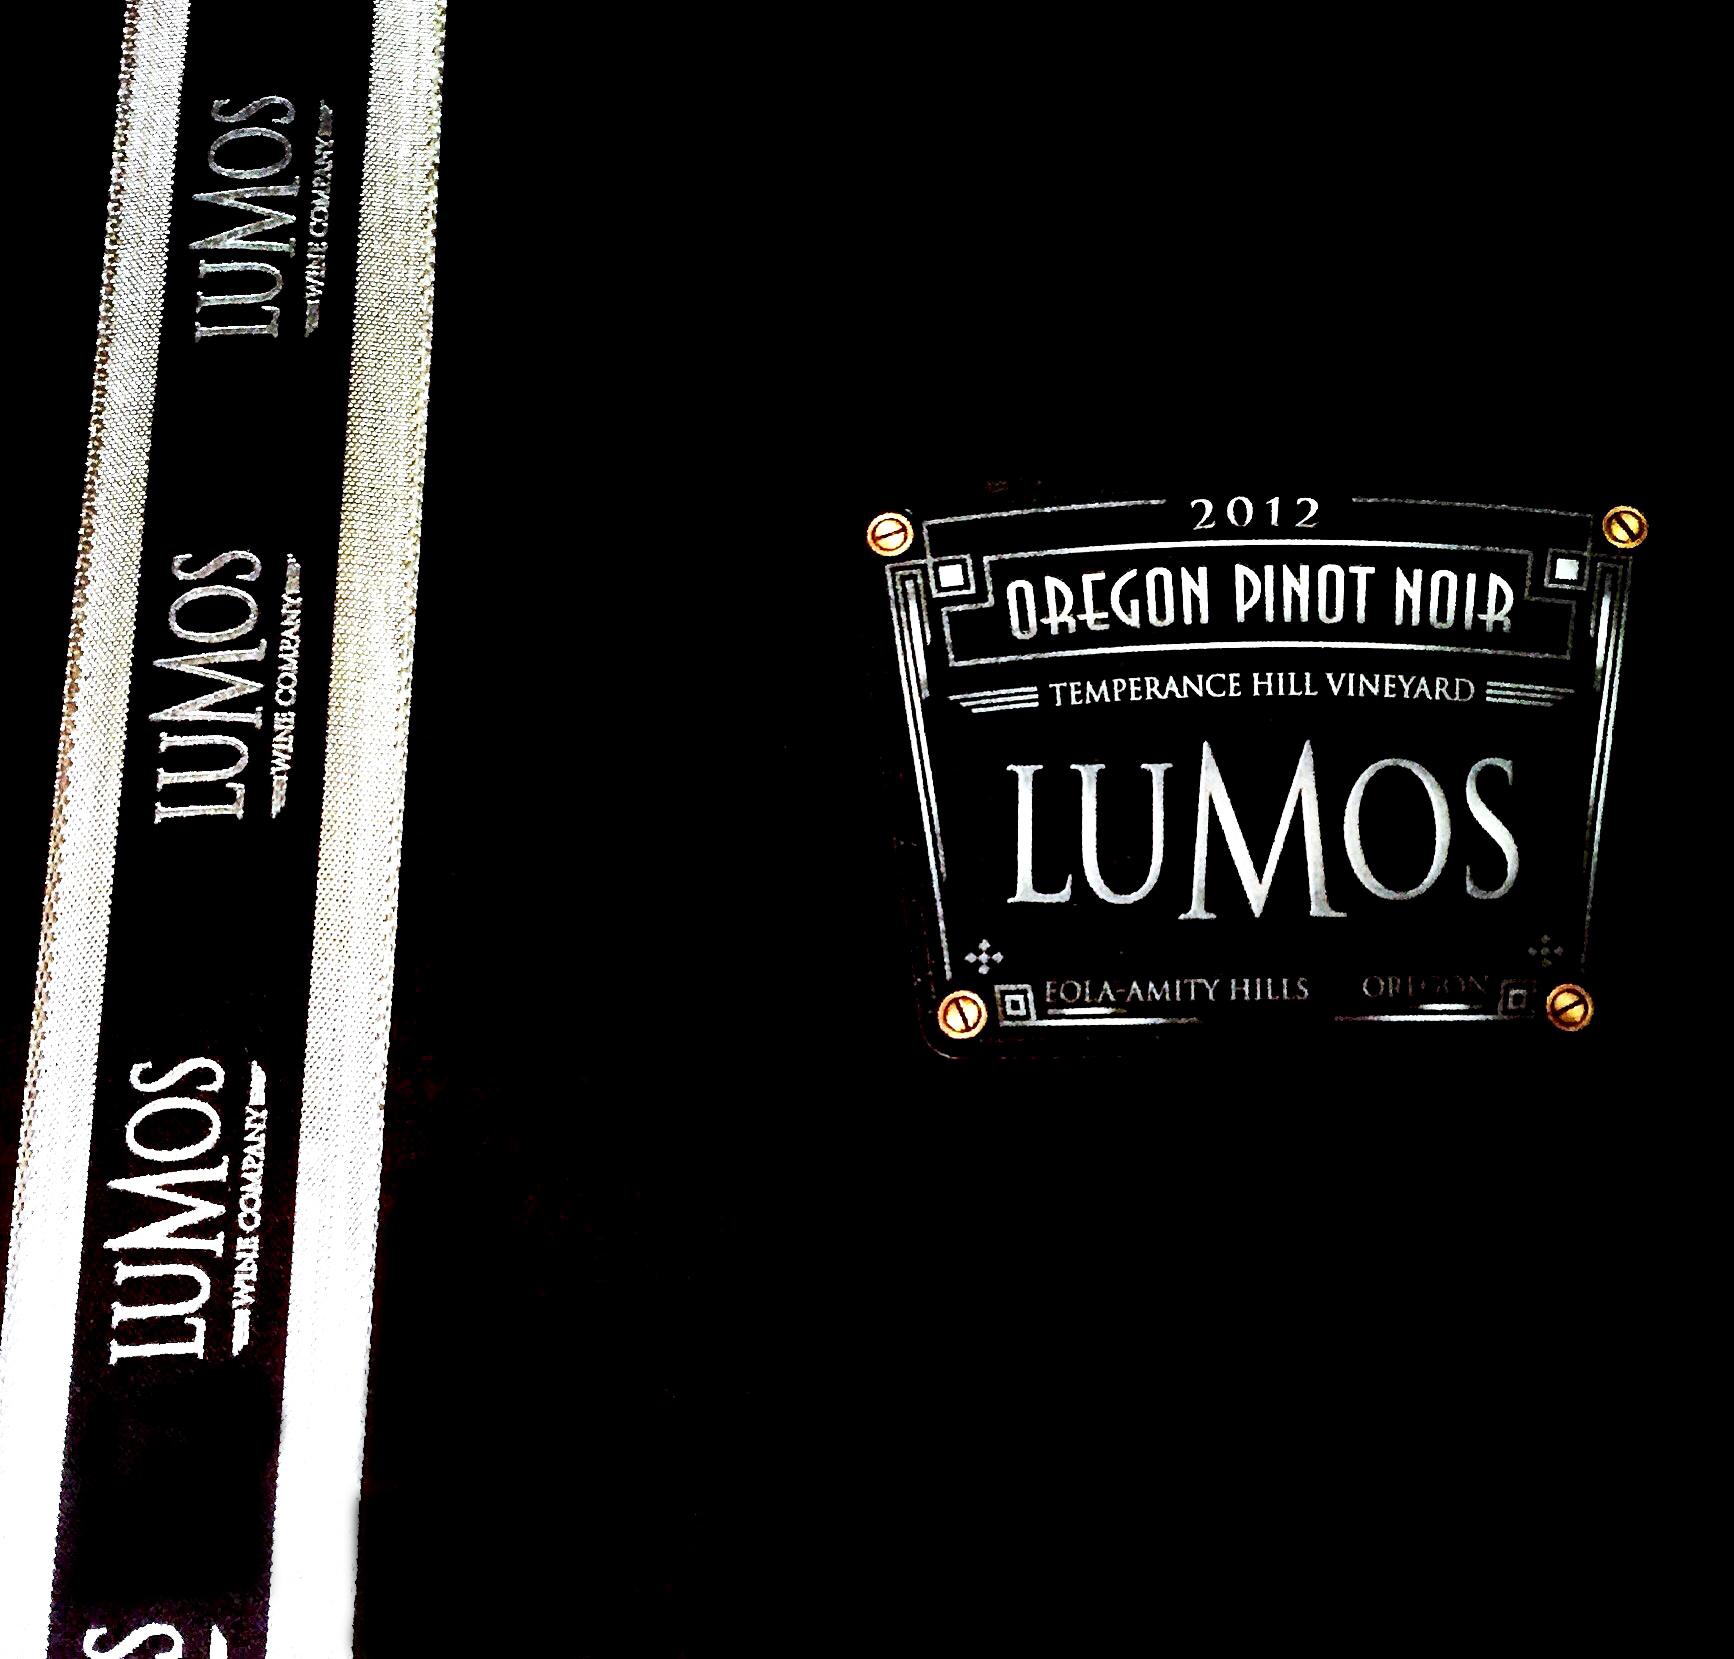 Lumos Wine